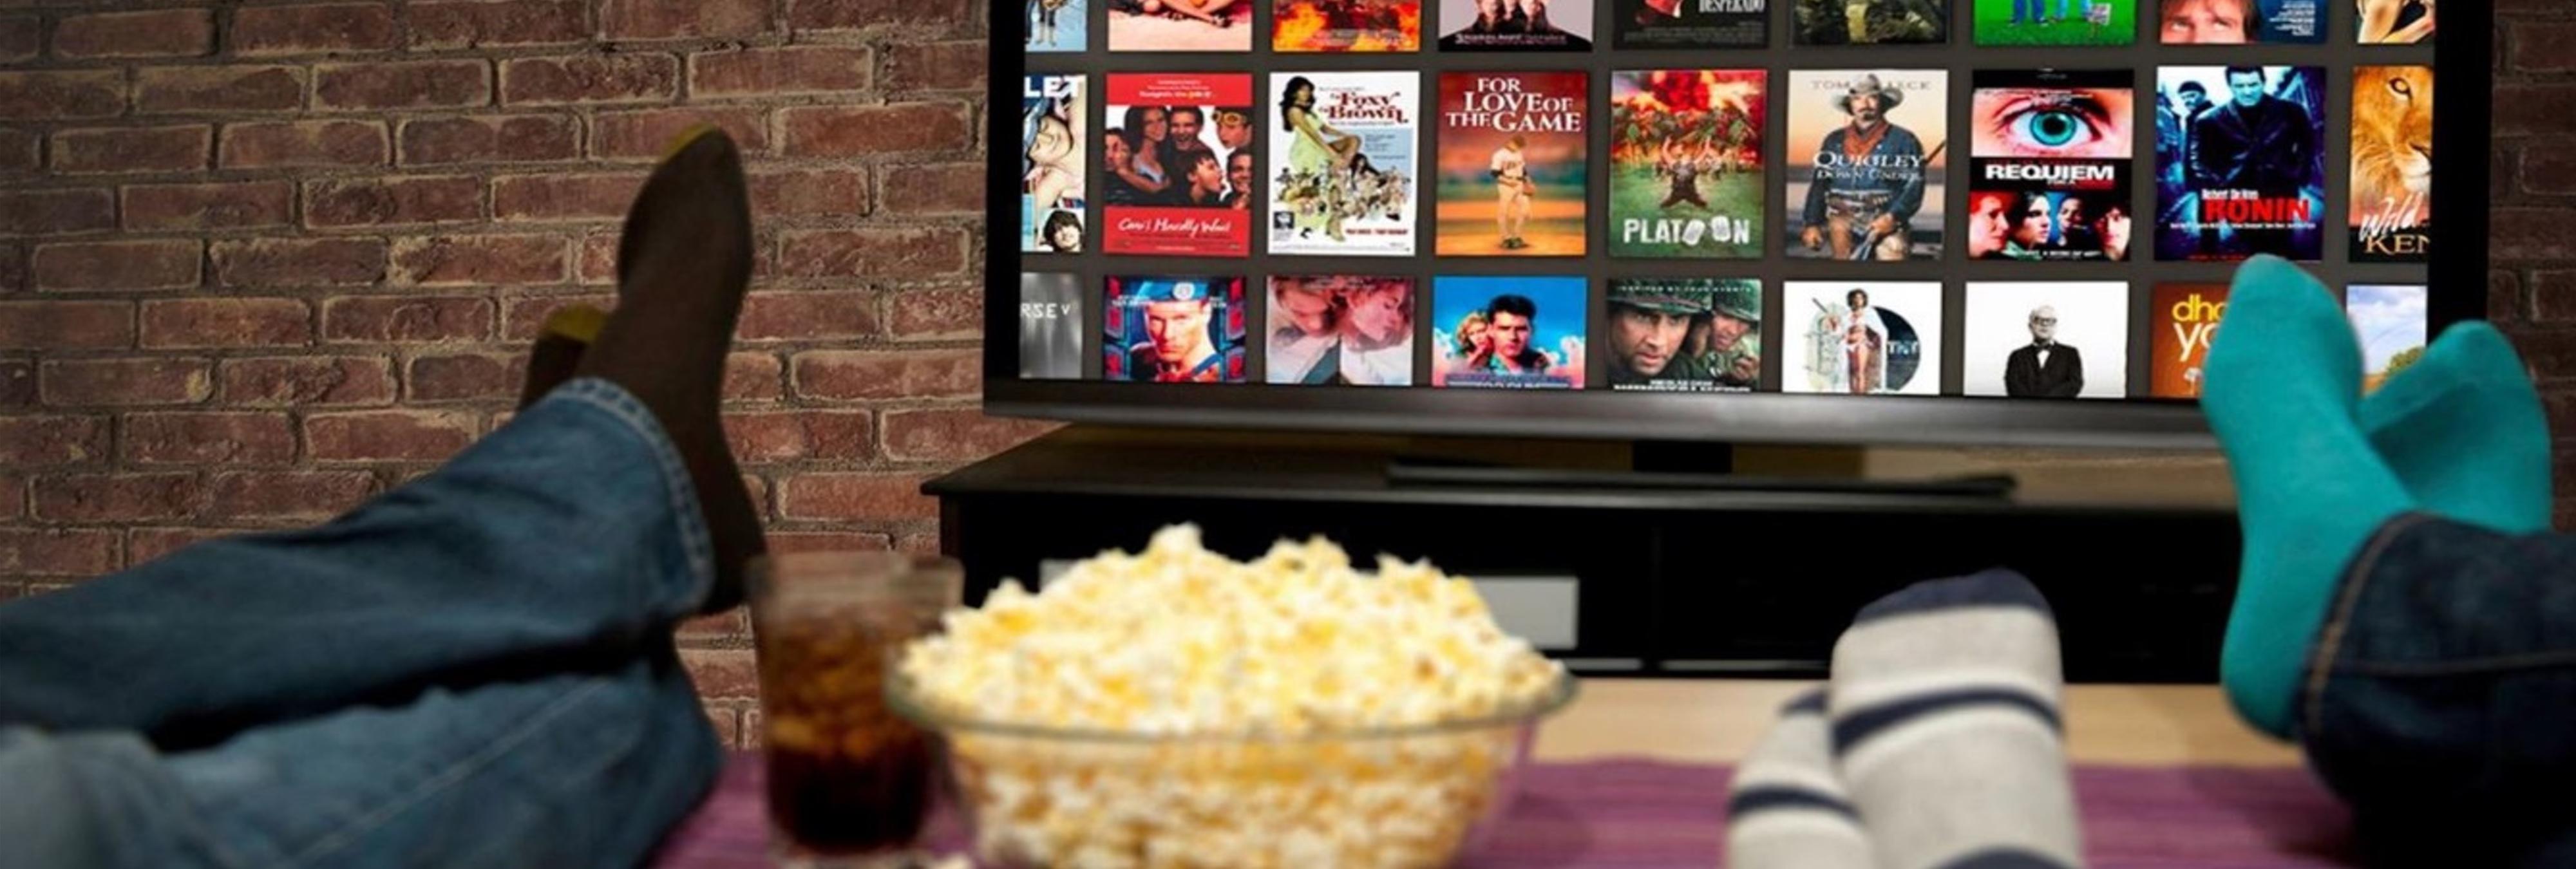 Netflix ha retirado 19 series importantes de su catálogo